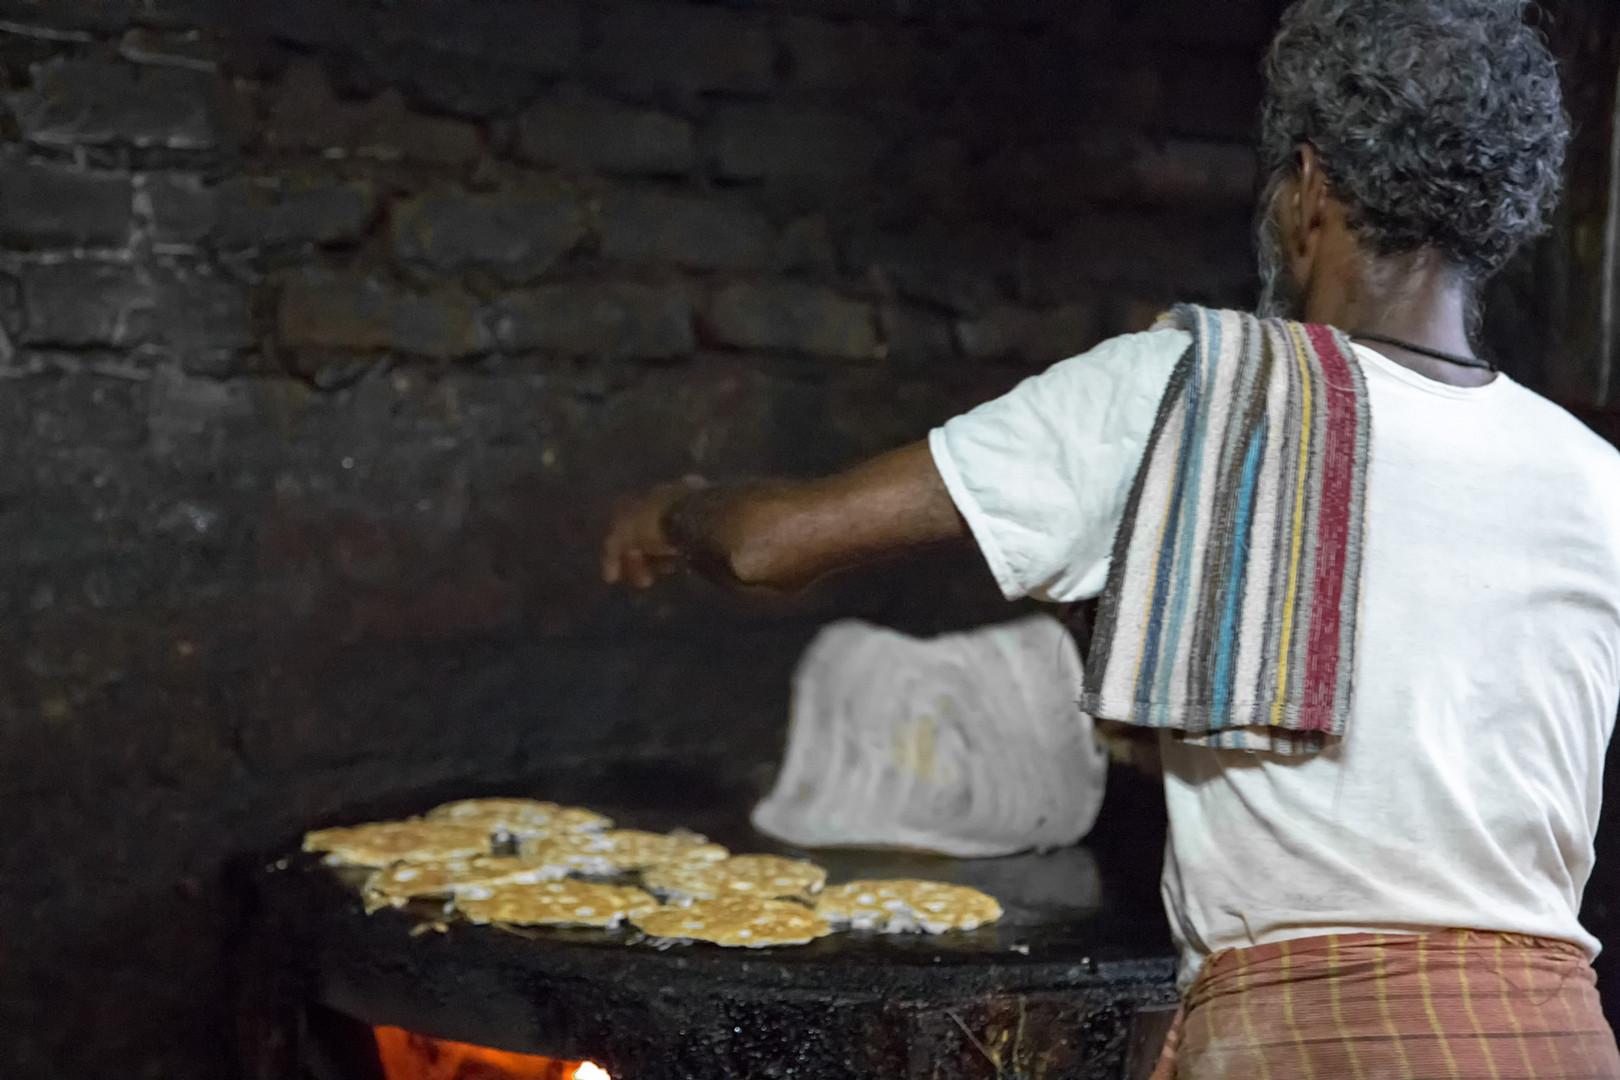 Préparation de dosai dans un restaurant indien très simple, Tanjore